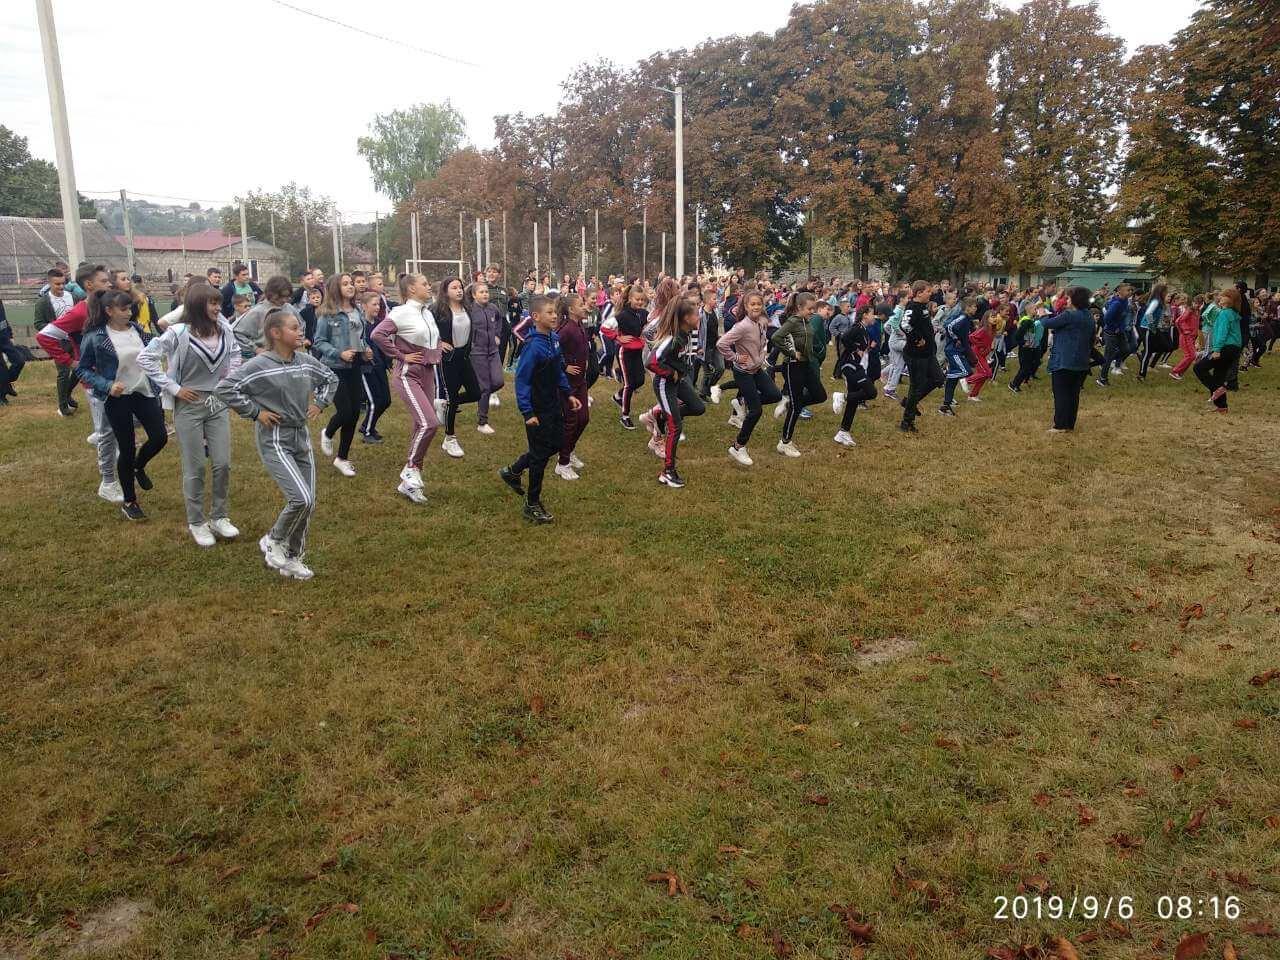 zobrazhennya viber 2019 09 06 14 29 53 - Спорт і здоров'я – дві половинки єдиного цілого